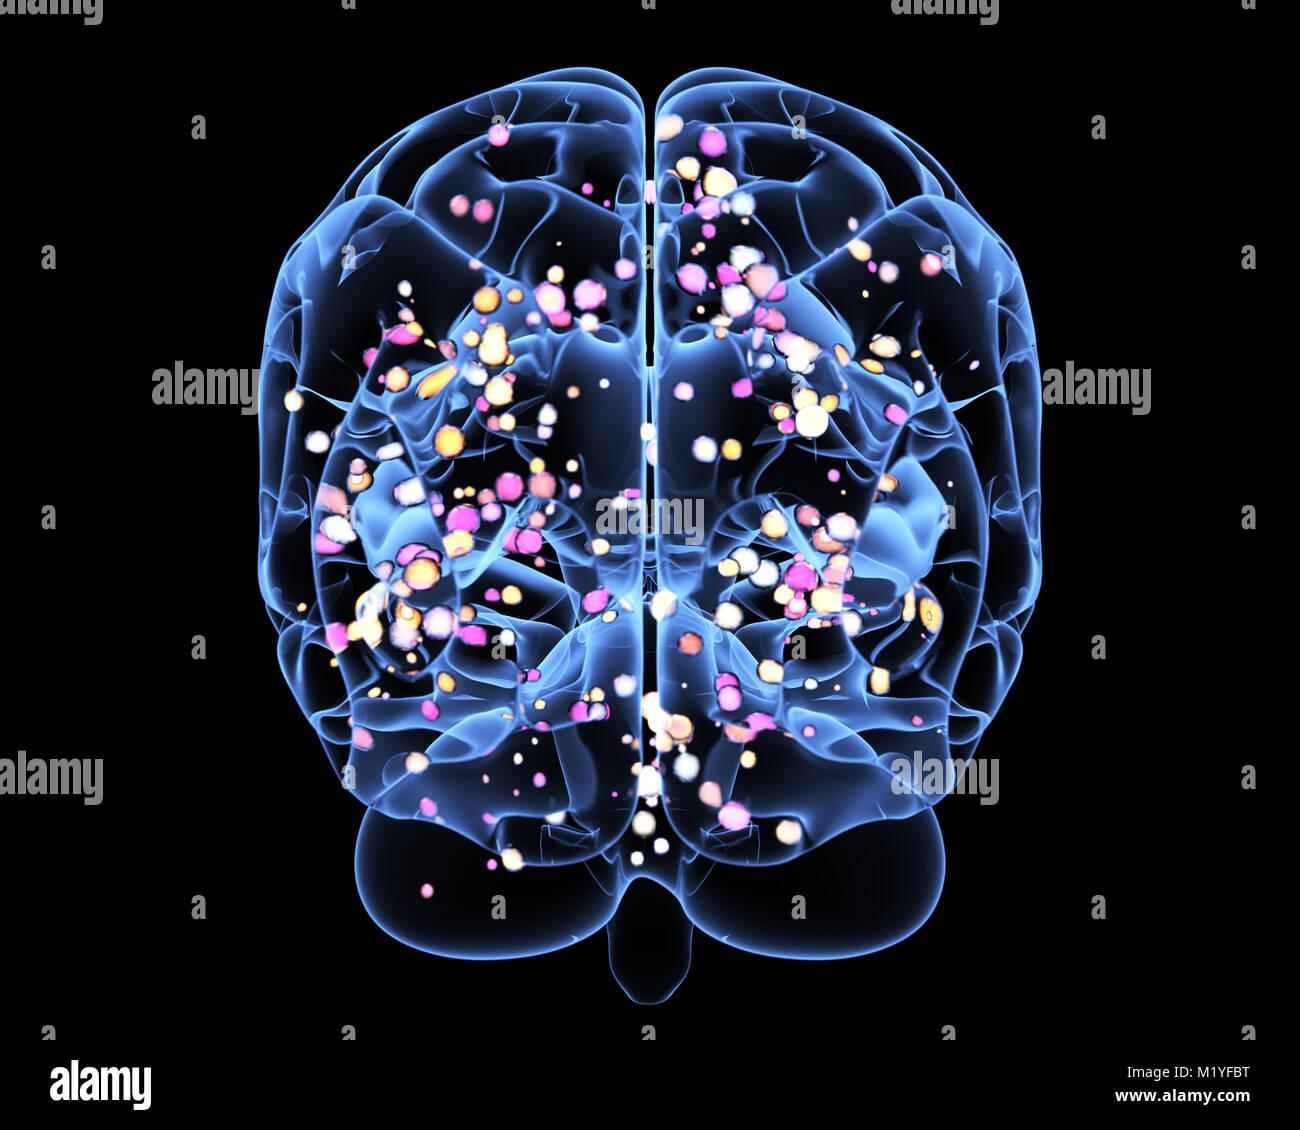 La actividad cerebral durante el pensamiento. Ilustración 3D Imagen De Stock